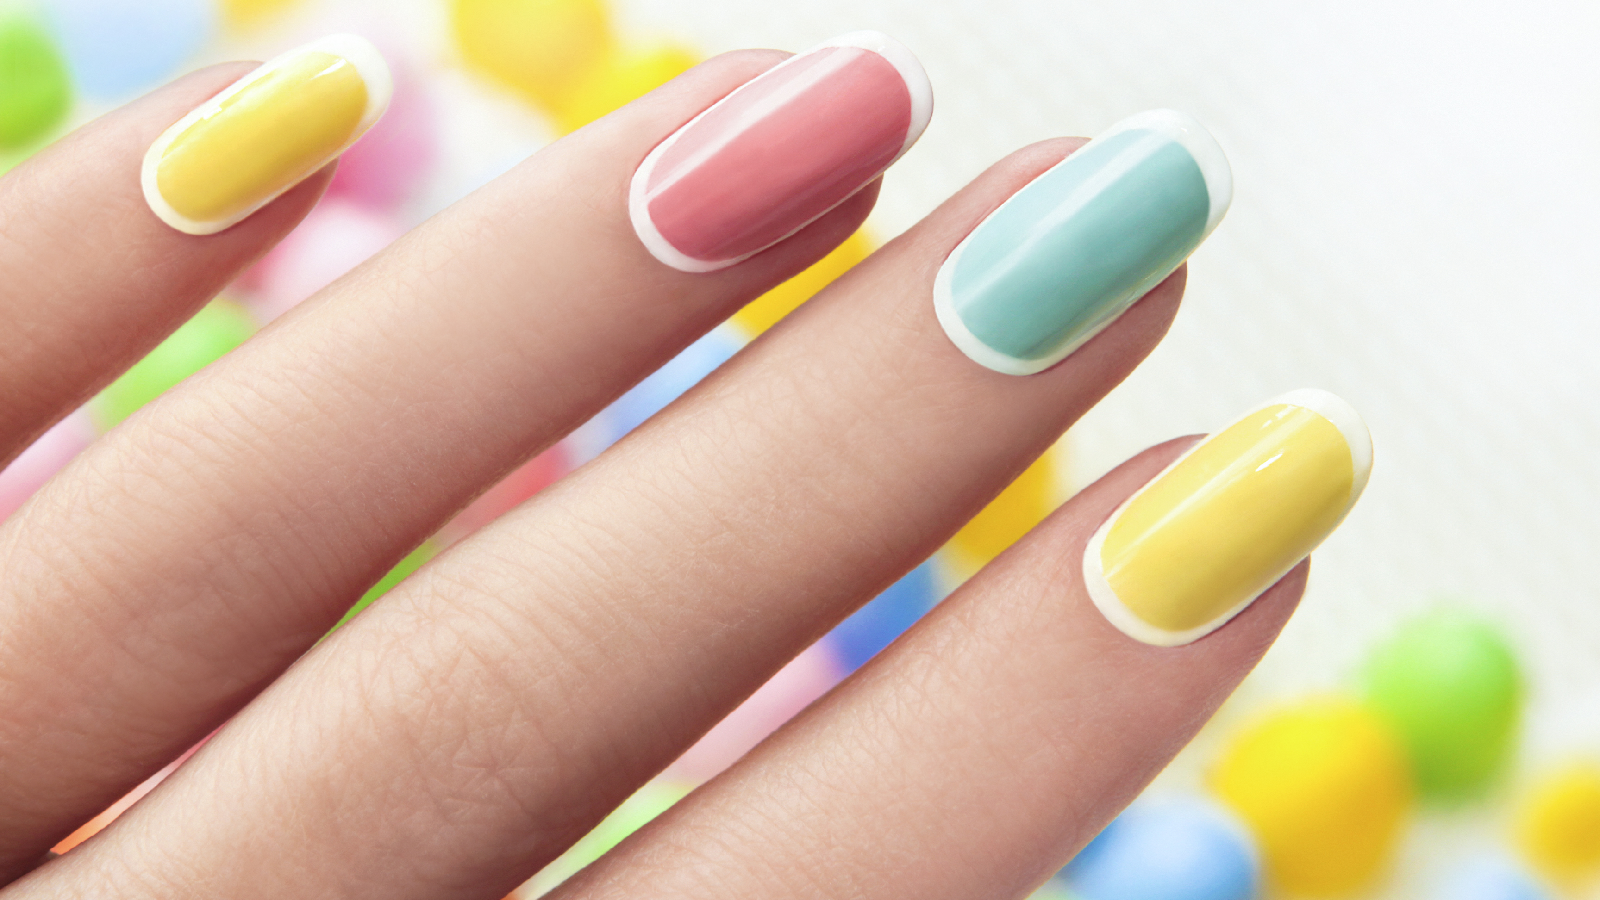 Das verrät deine Nagellackfarbe